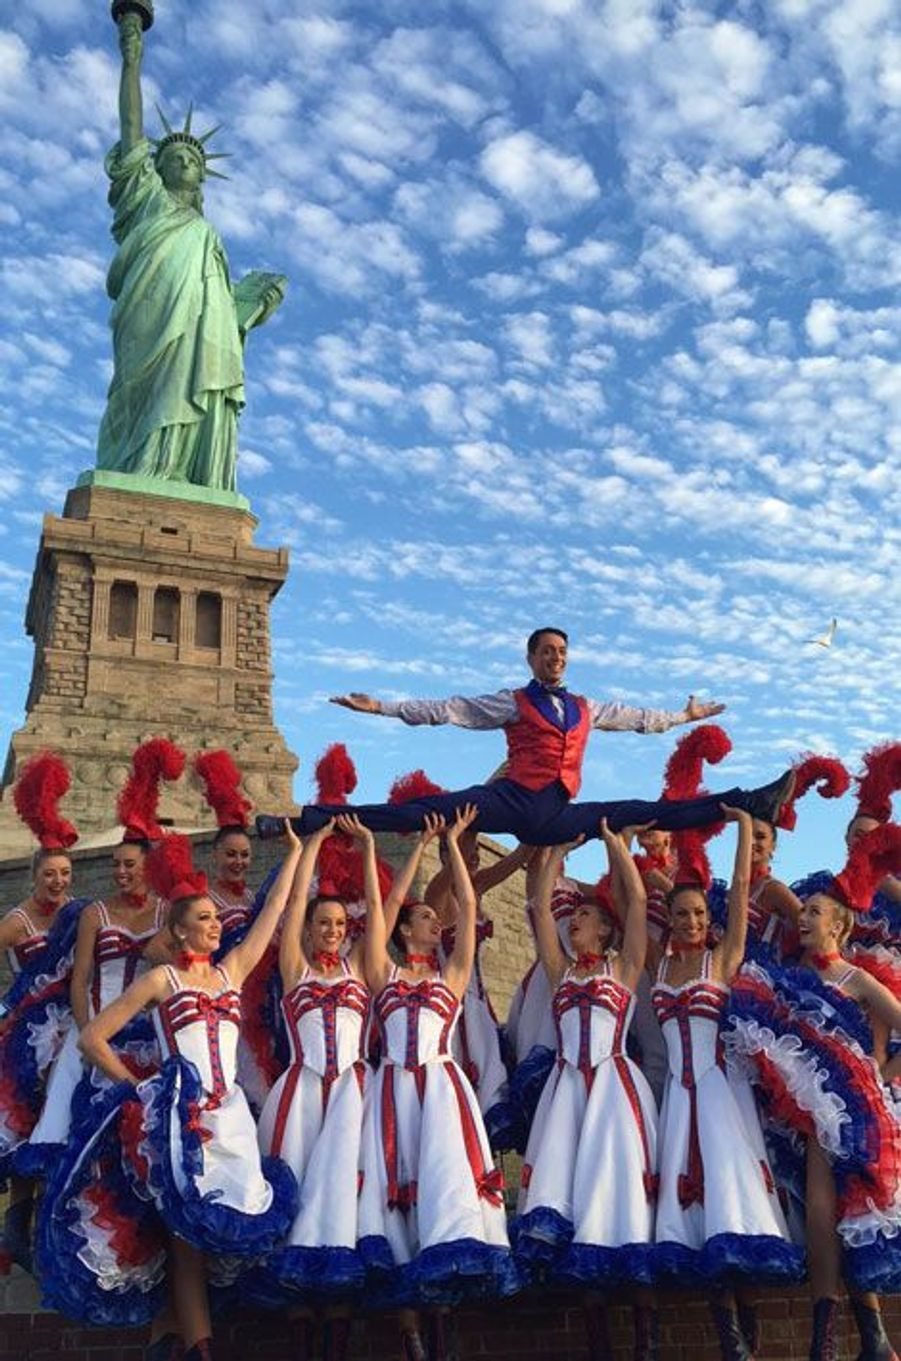 Les danseuses du Moulin Rouge, stars à New York